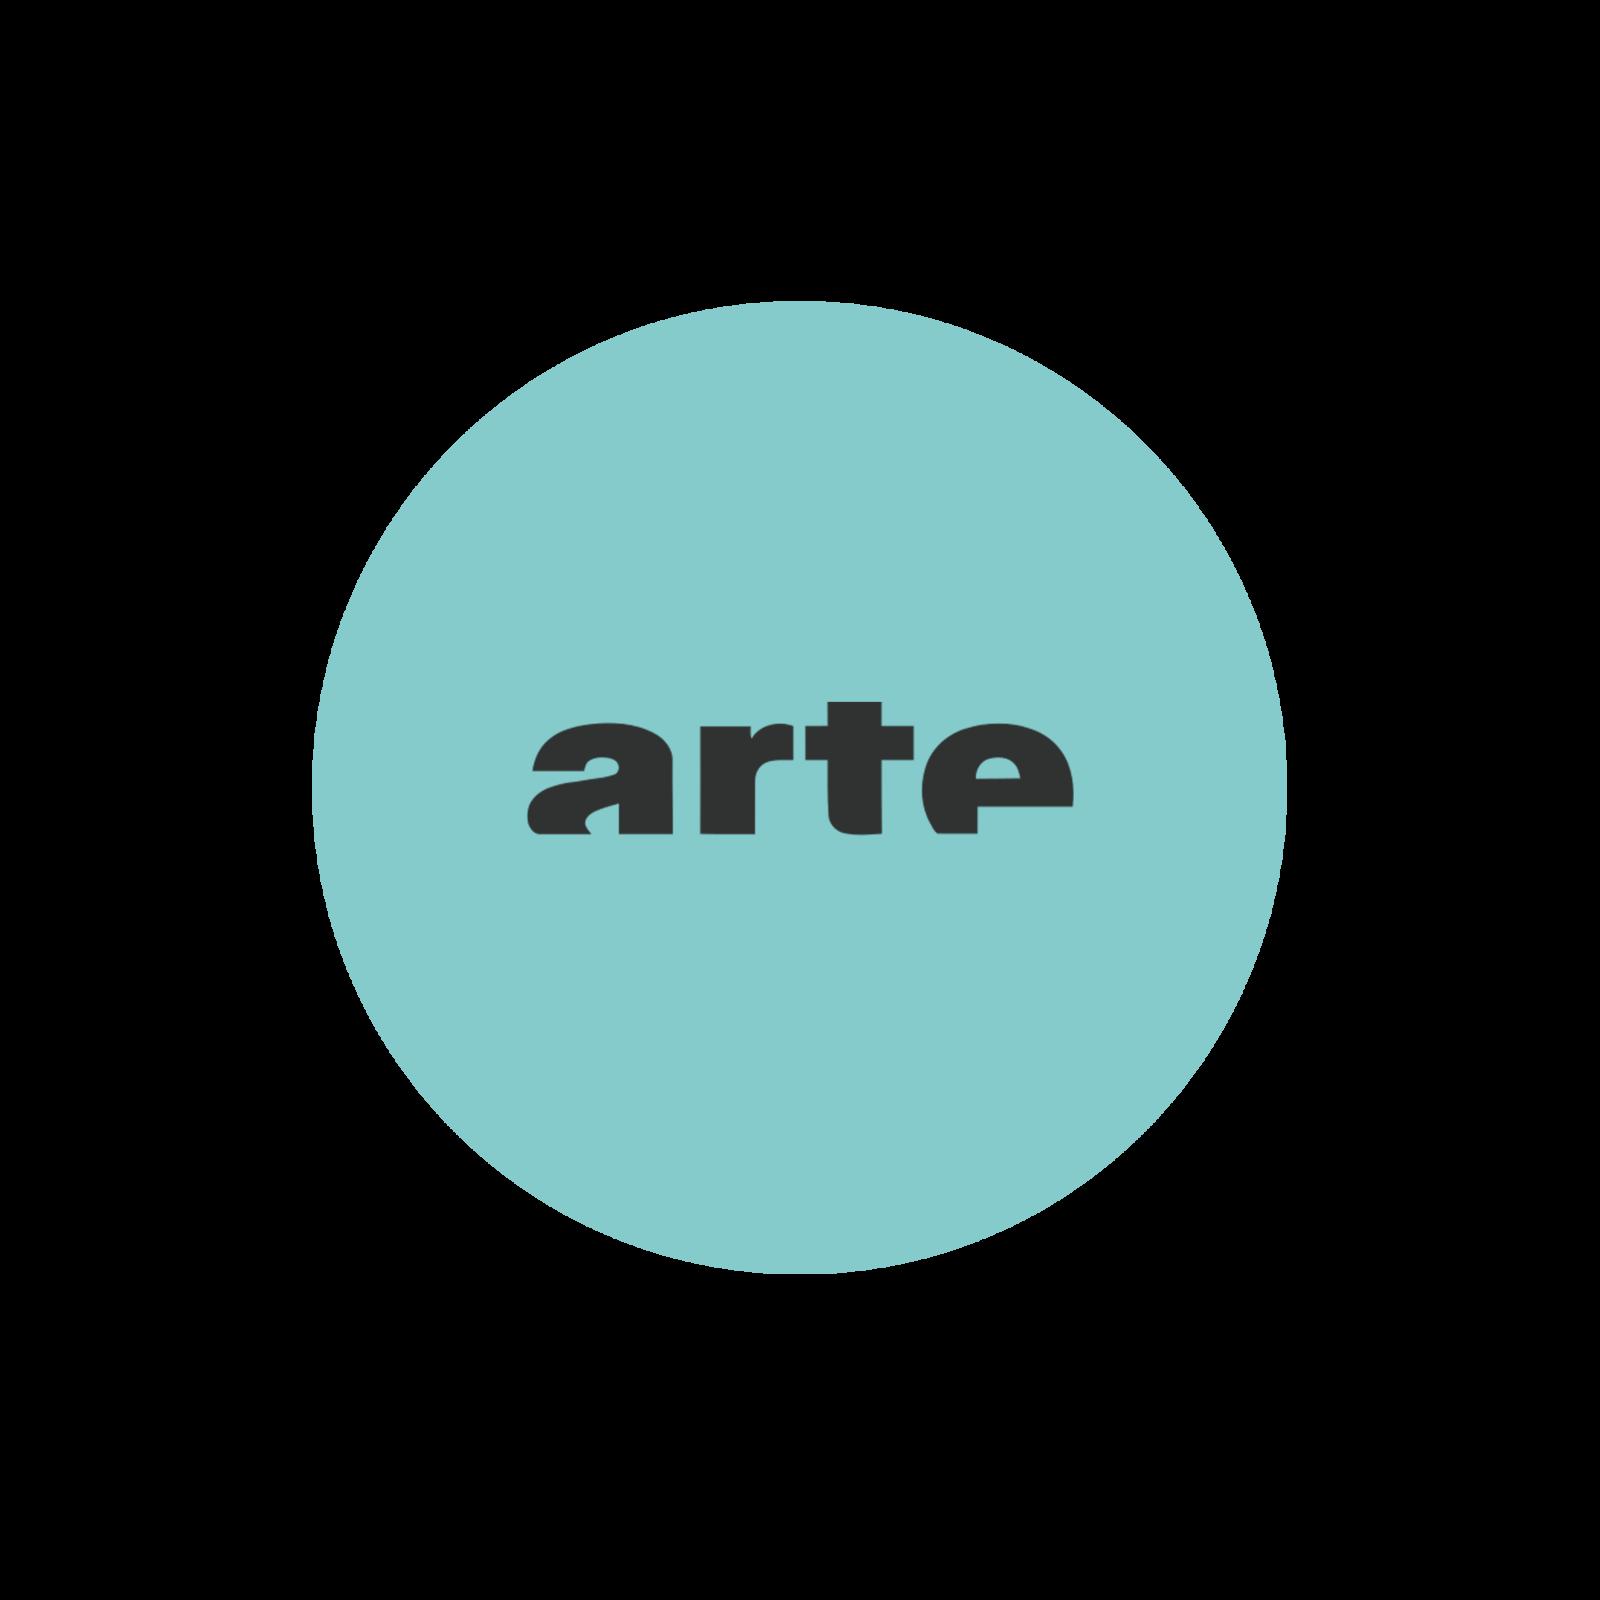 Bruno Patino, qui a un CV bien rempli, est le nouveau patron d'ARTE France.